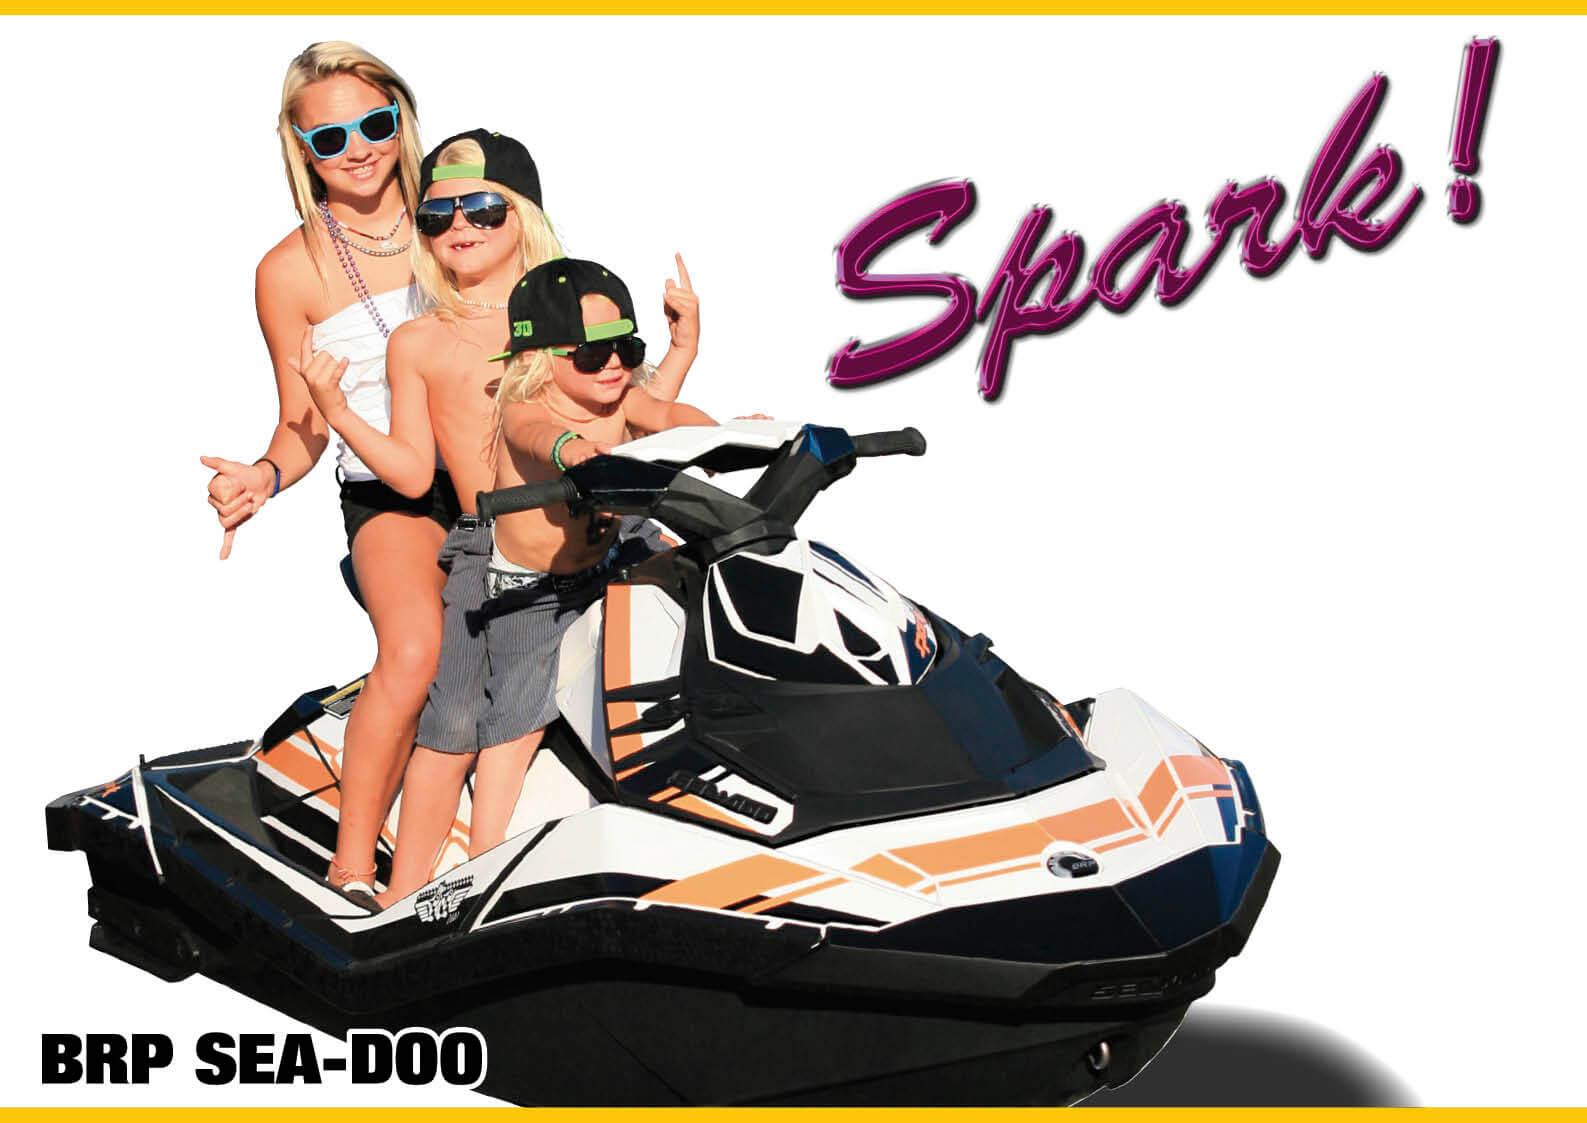 ヤマハ スポーツボート「AR190 & 195」【オフィシャル動画】取り扱い方法 ジェットスキー(水上バイク)